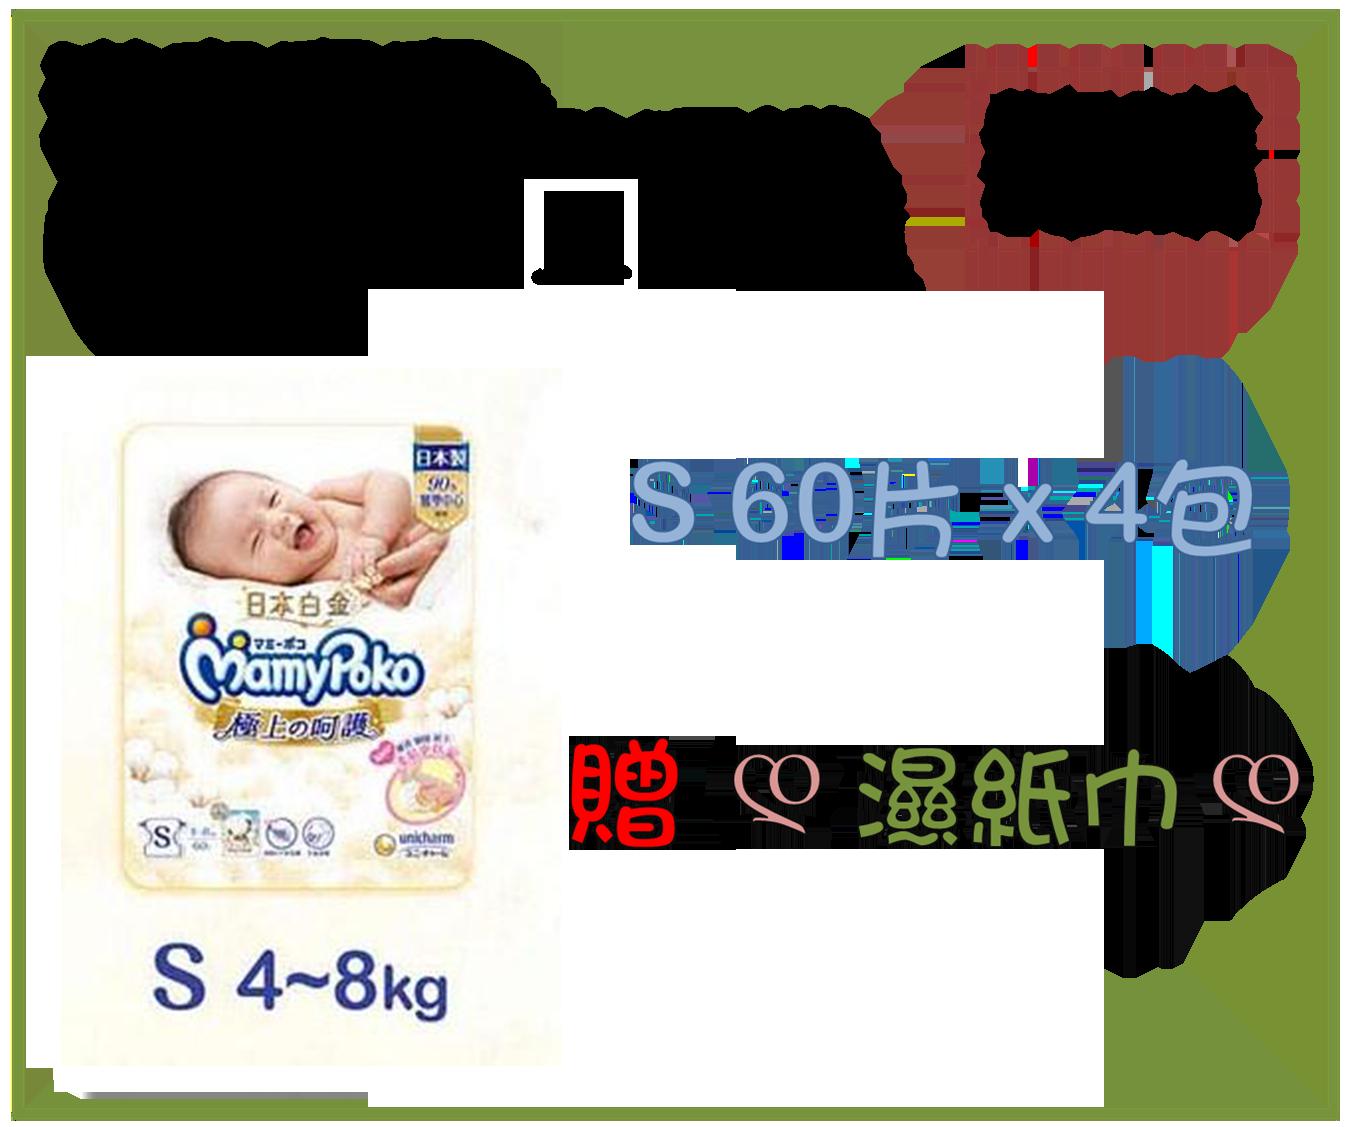 დ 贈濕紙巾 დ【箱購】滿意寶寶  白金級 極上呵護 天然有機 黏貼式紙尿布 S 60片 x 4 包 0